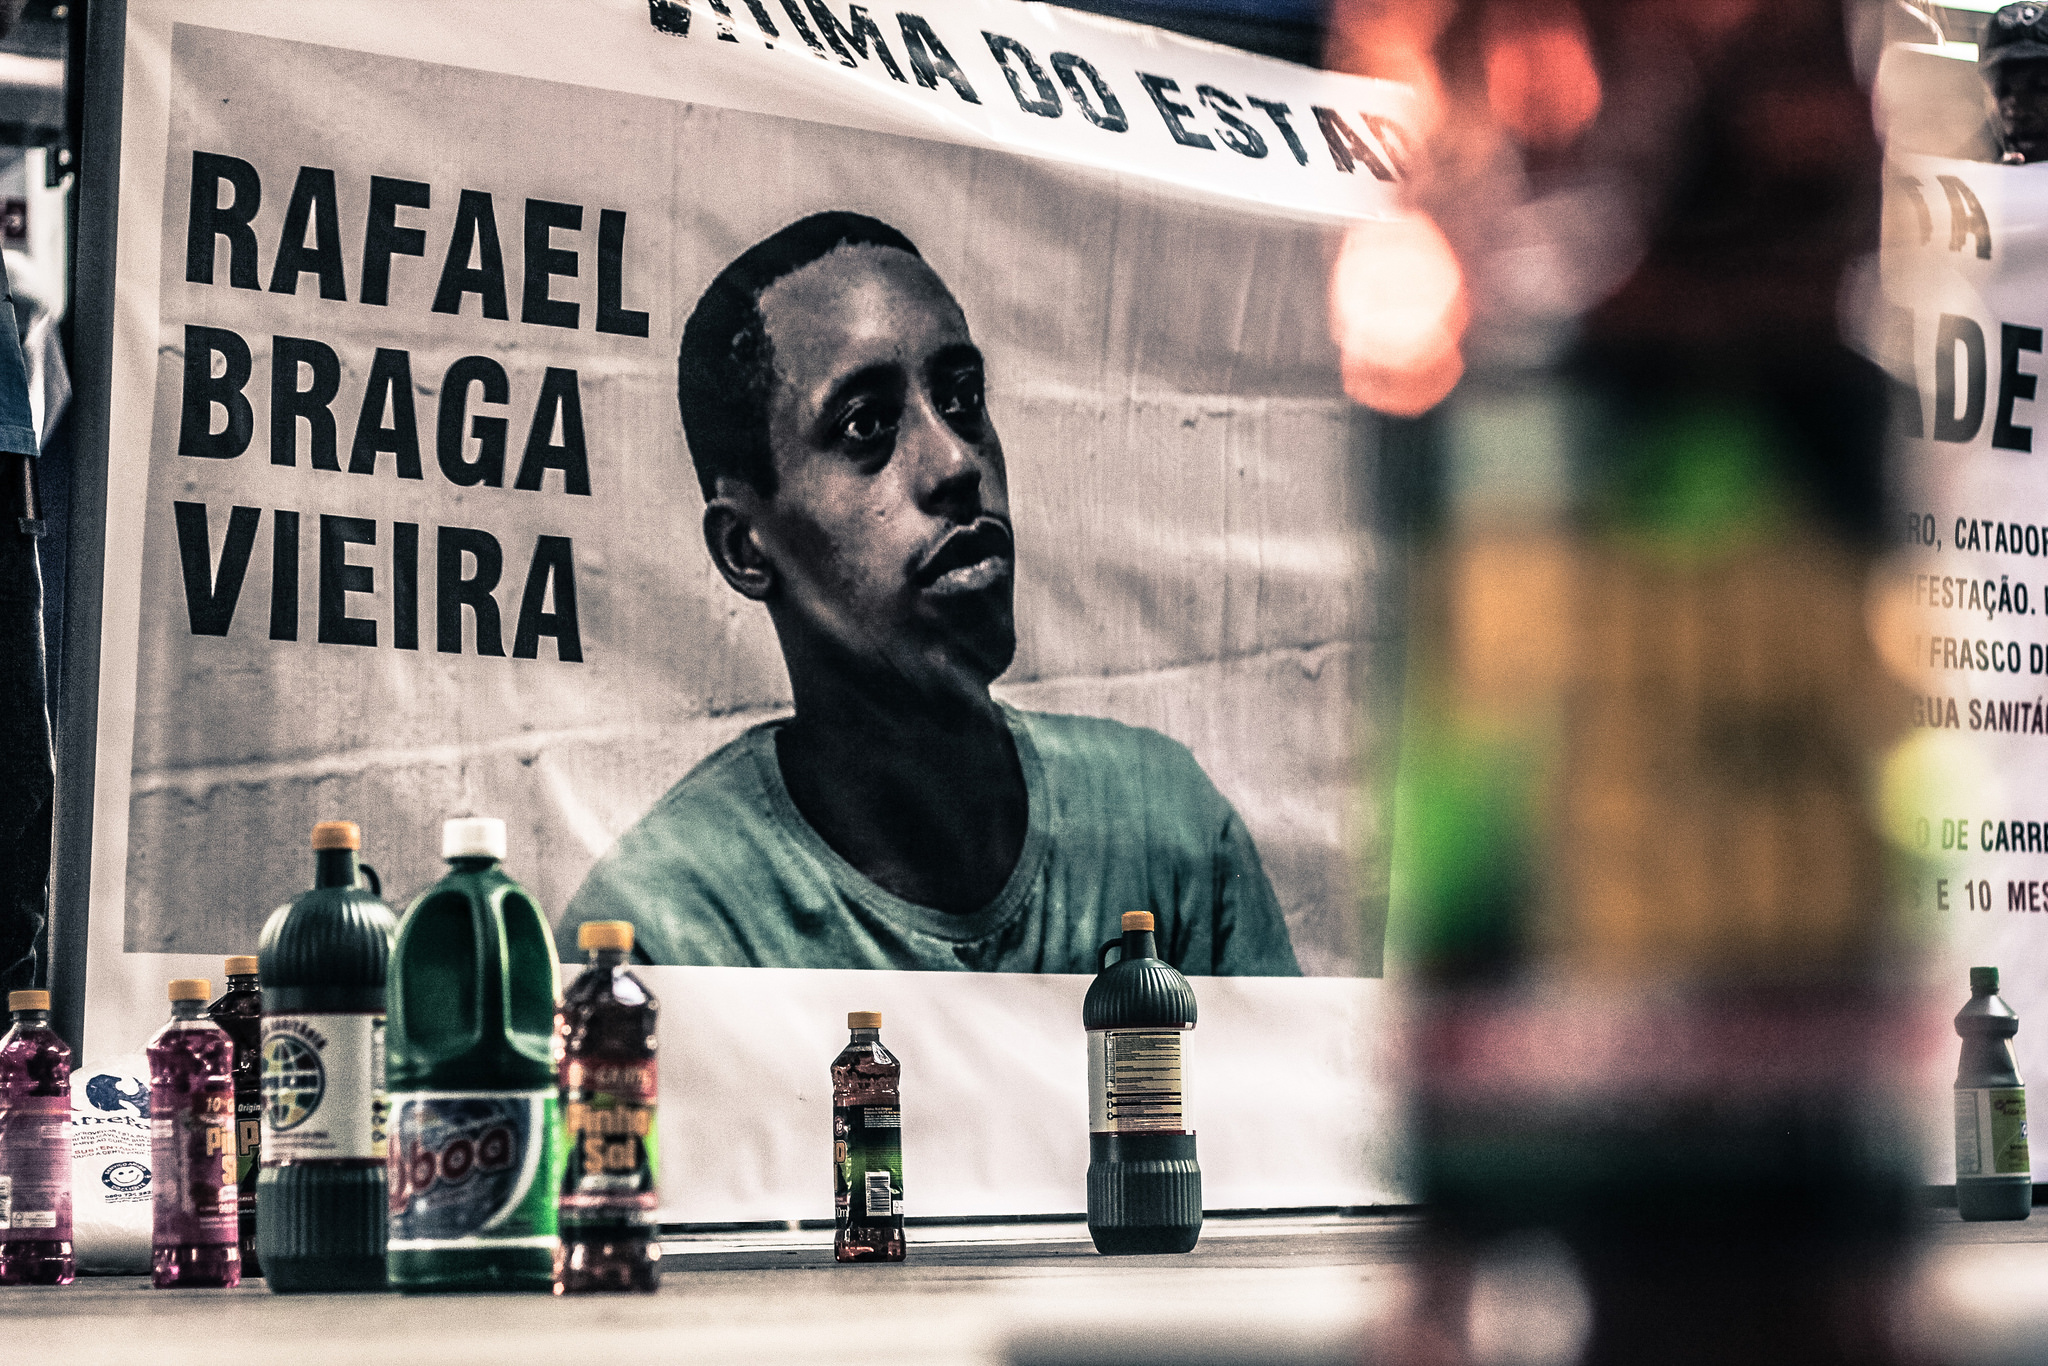 Une bannière lors d'une manifestation à l'appui de Rafael Braga Vieira en 2014. Photo: Mídia Ninja / Flickr, CC-BY-NC-SA 2.0